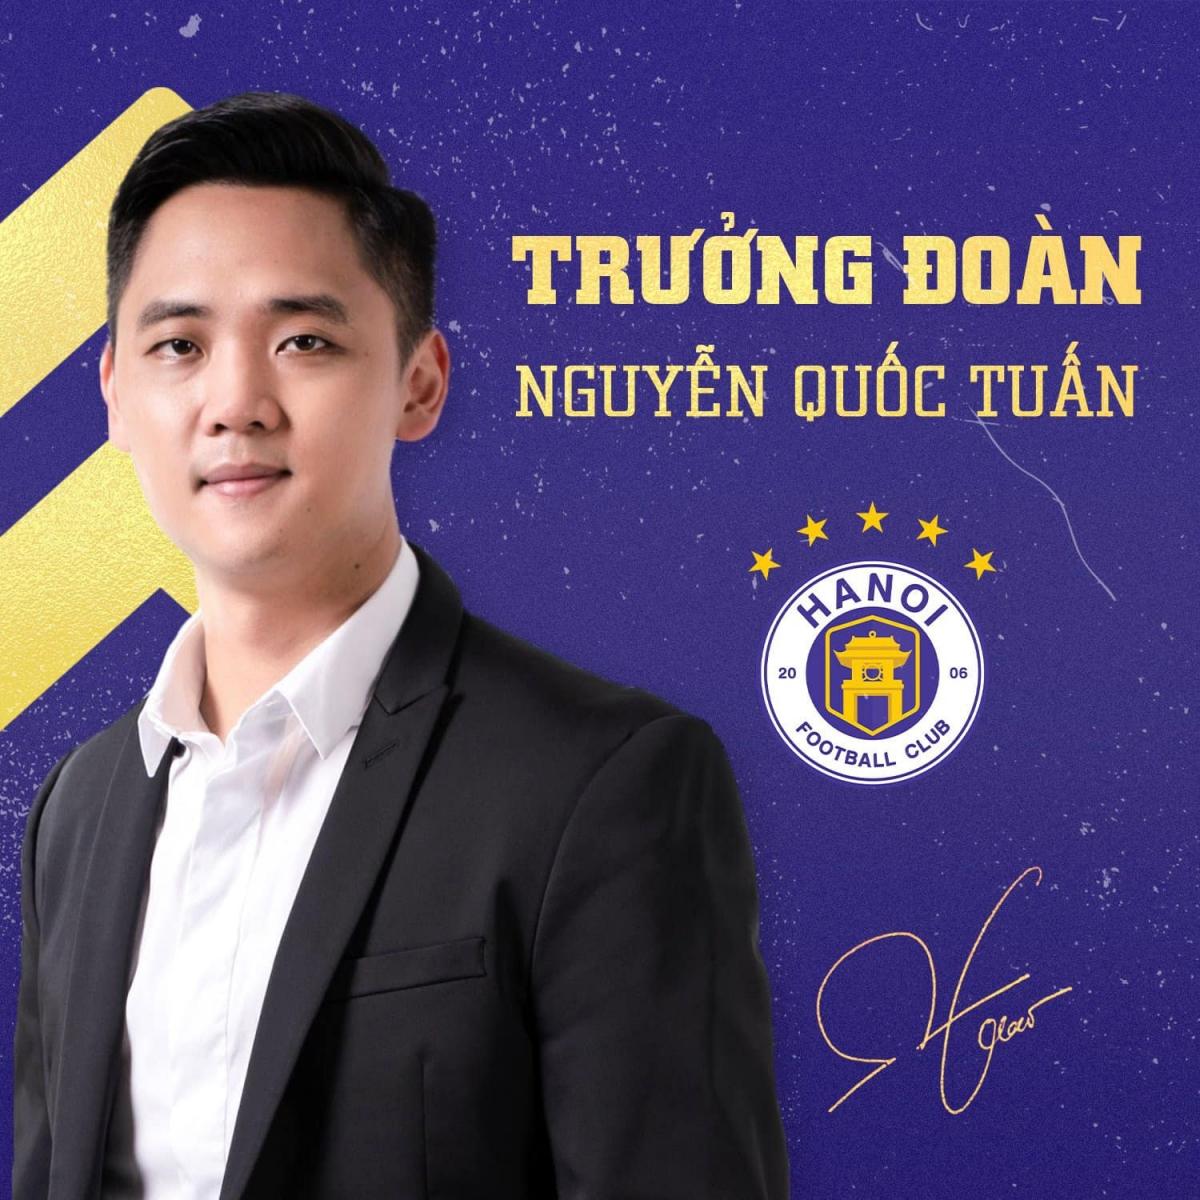 Tân Trưởng đoàn Hà Nội FC, ông Nguyễn Quốc Tuấn. (Ảnh: Hà Nội FC)